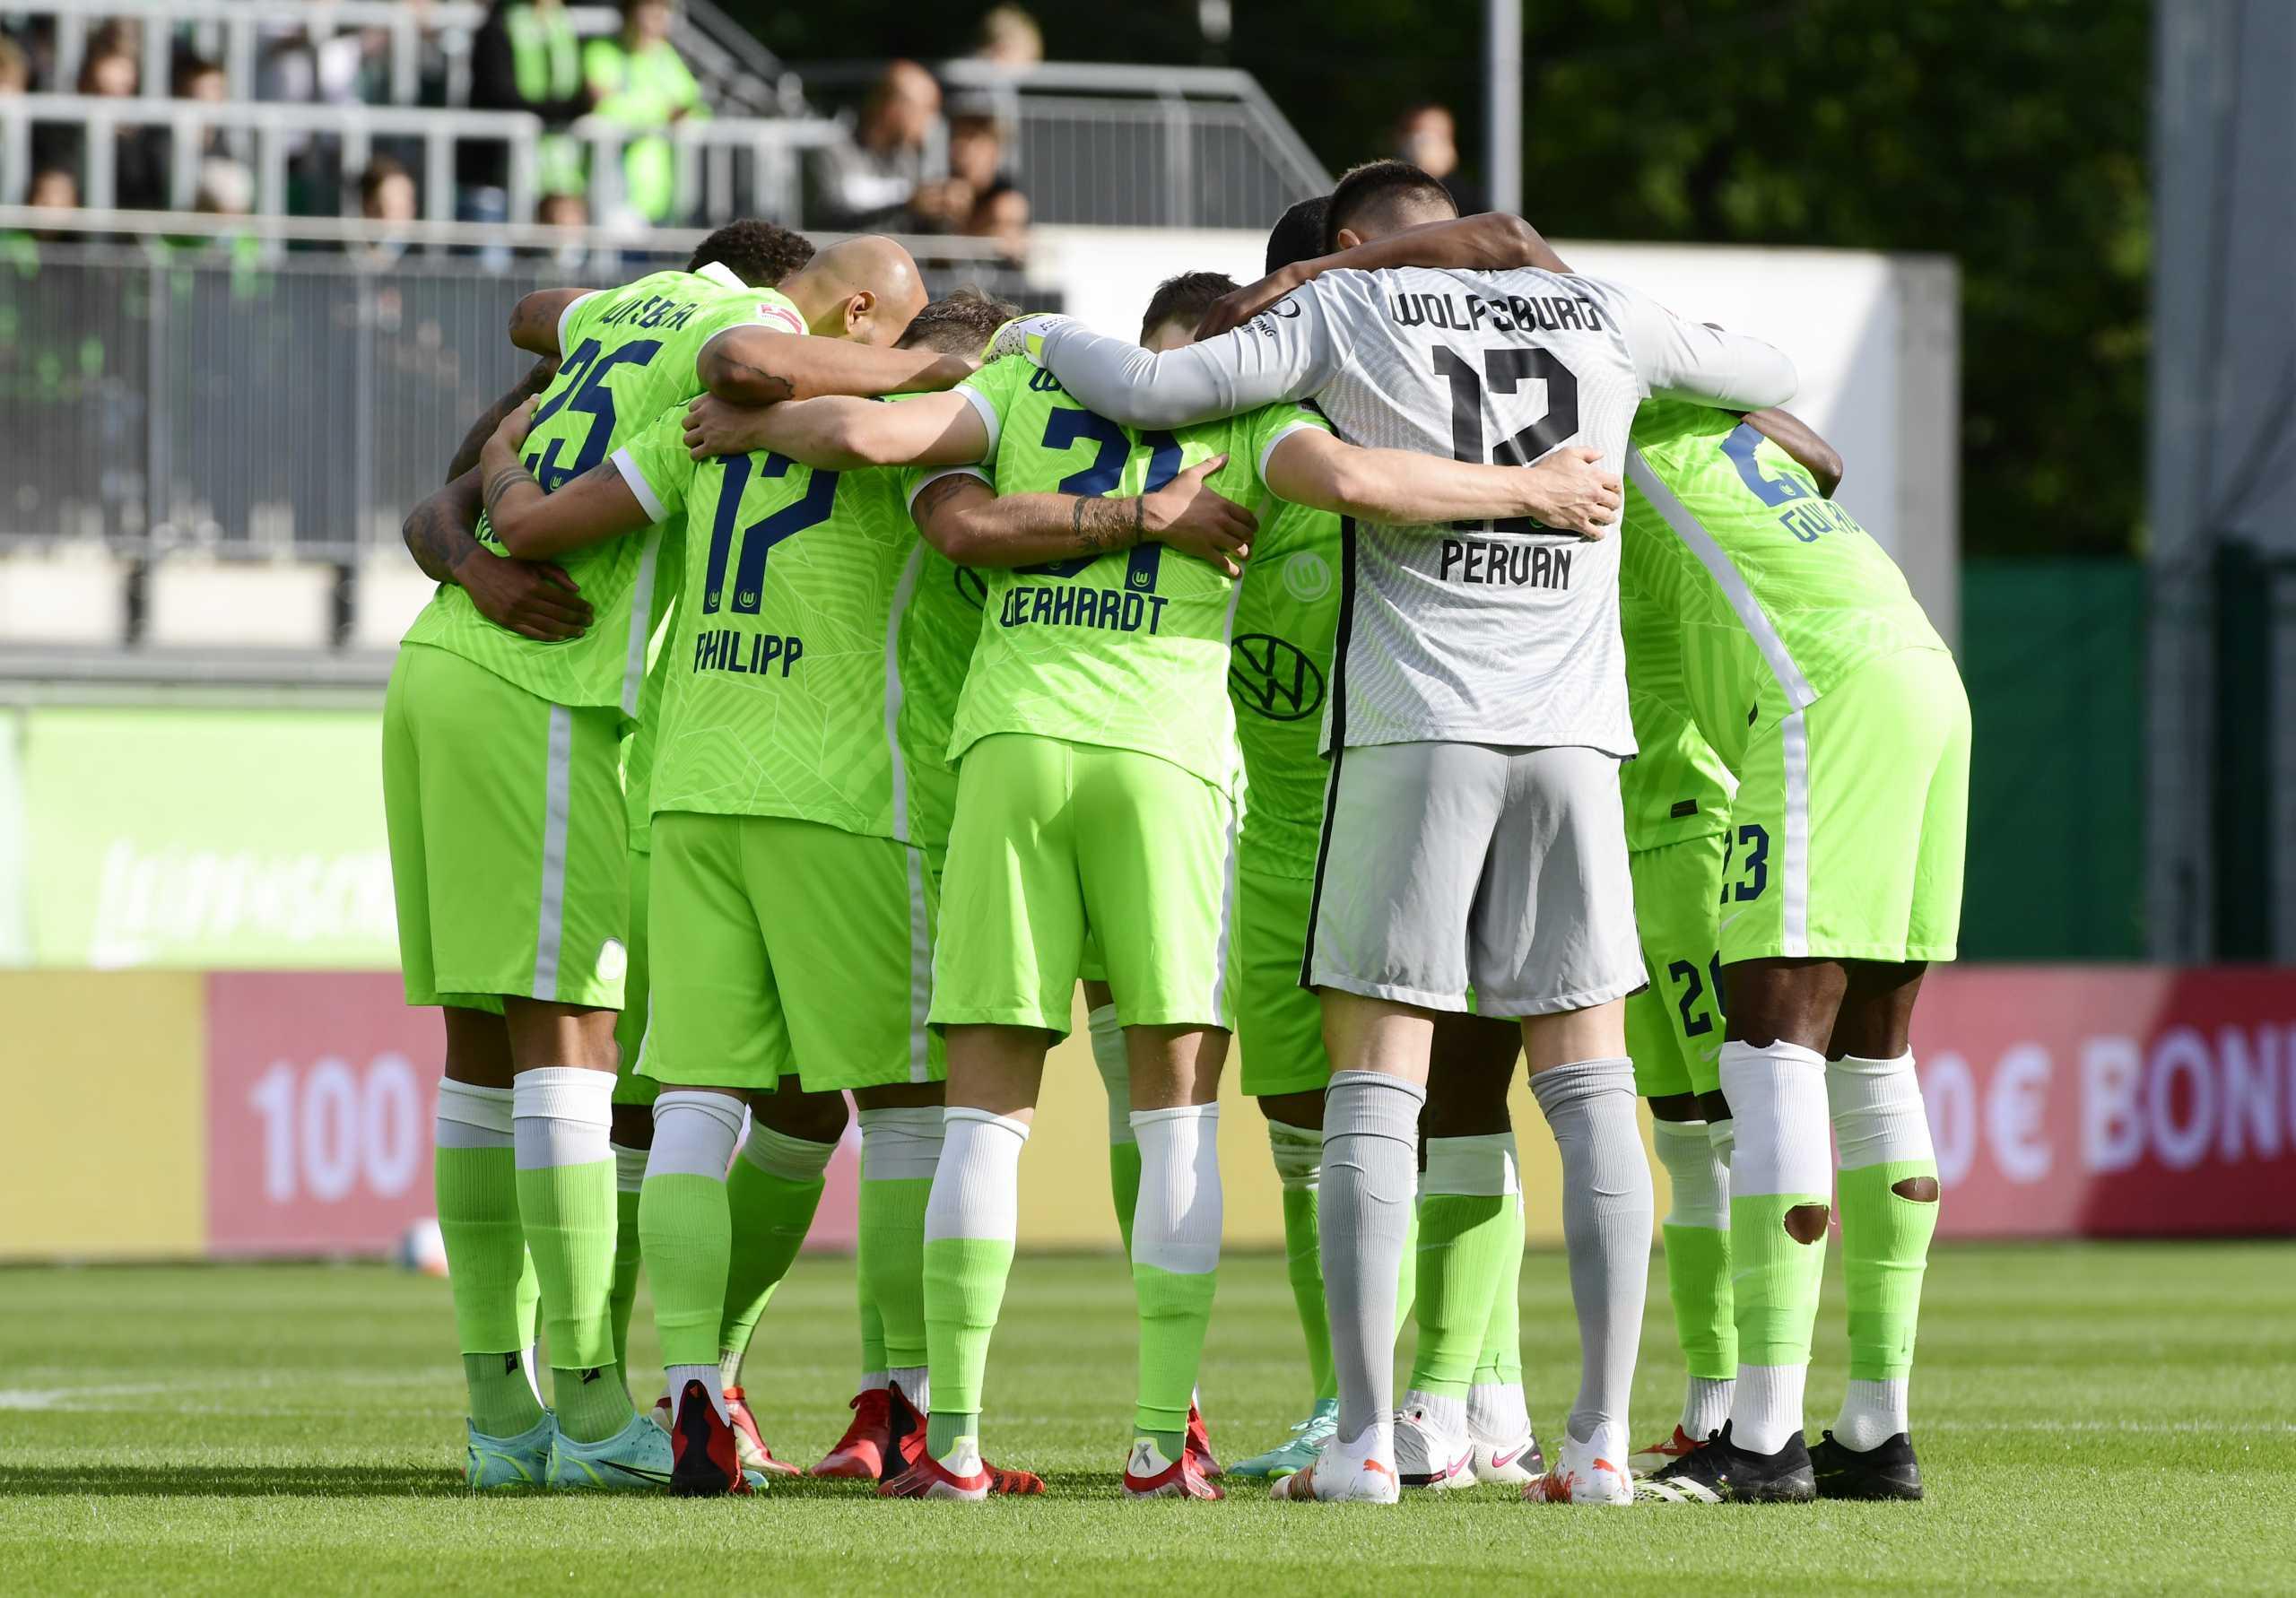 Κύπελλο Γερμανίας: Απίστευτη «γκάφα» από τη Βόλφσμπουργκ που έκανε 6 αλλαγές και αποκλείστηκε στα χαρτιά